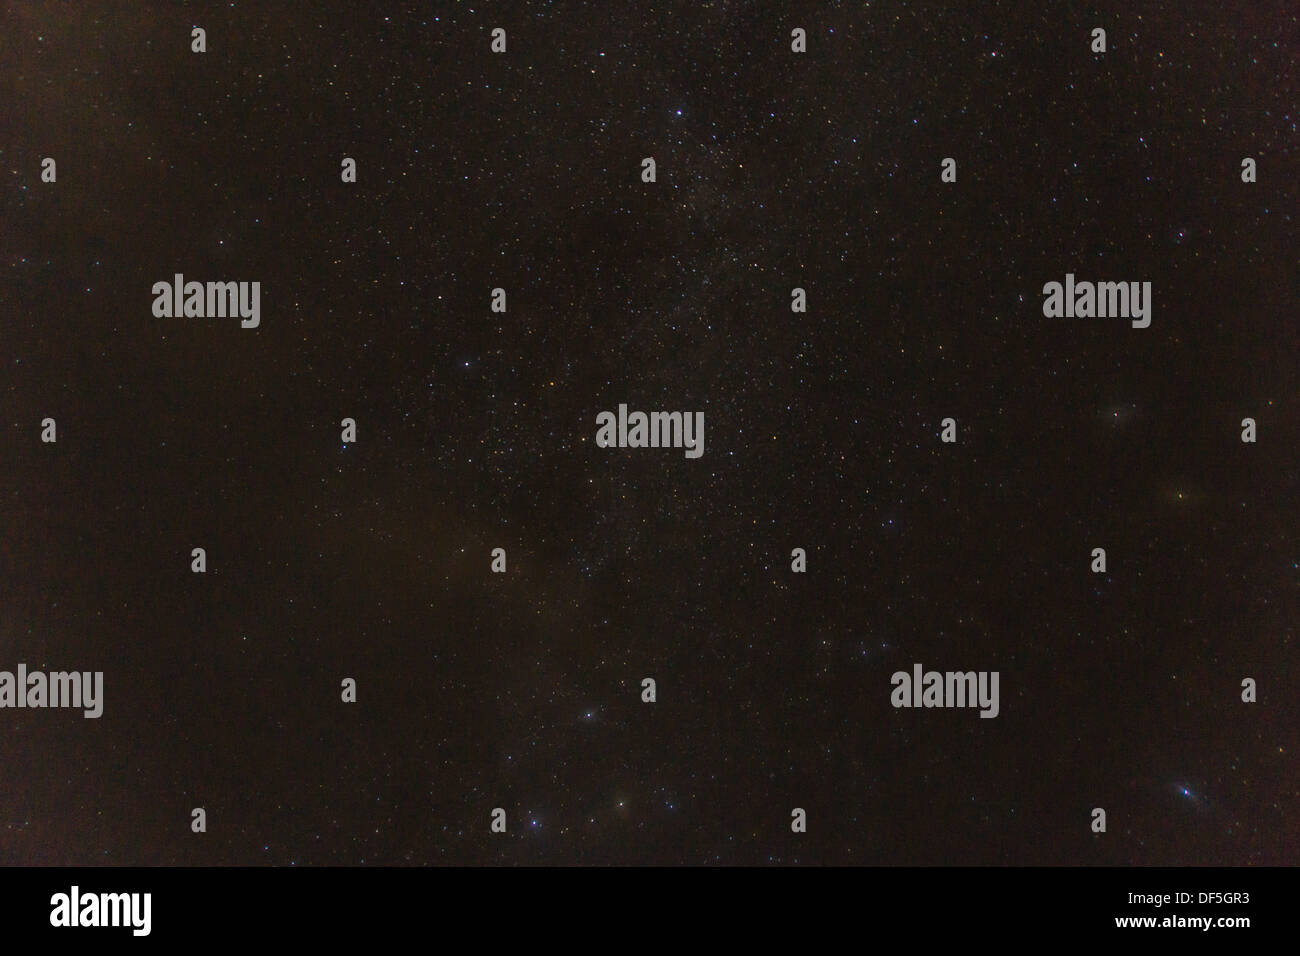 Las estrellas de la noche brilla en el firmamento Imagen De Stock